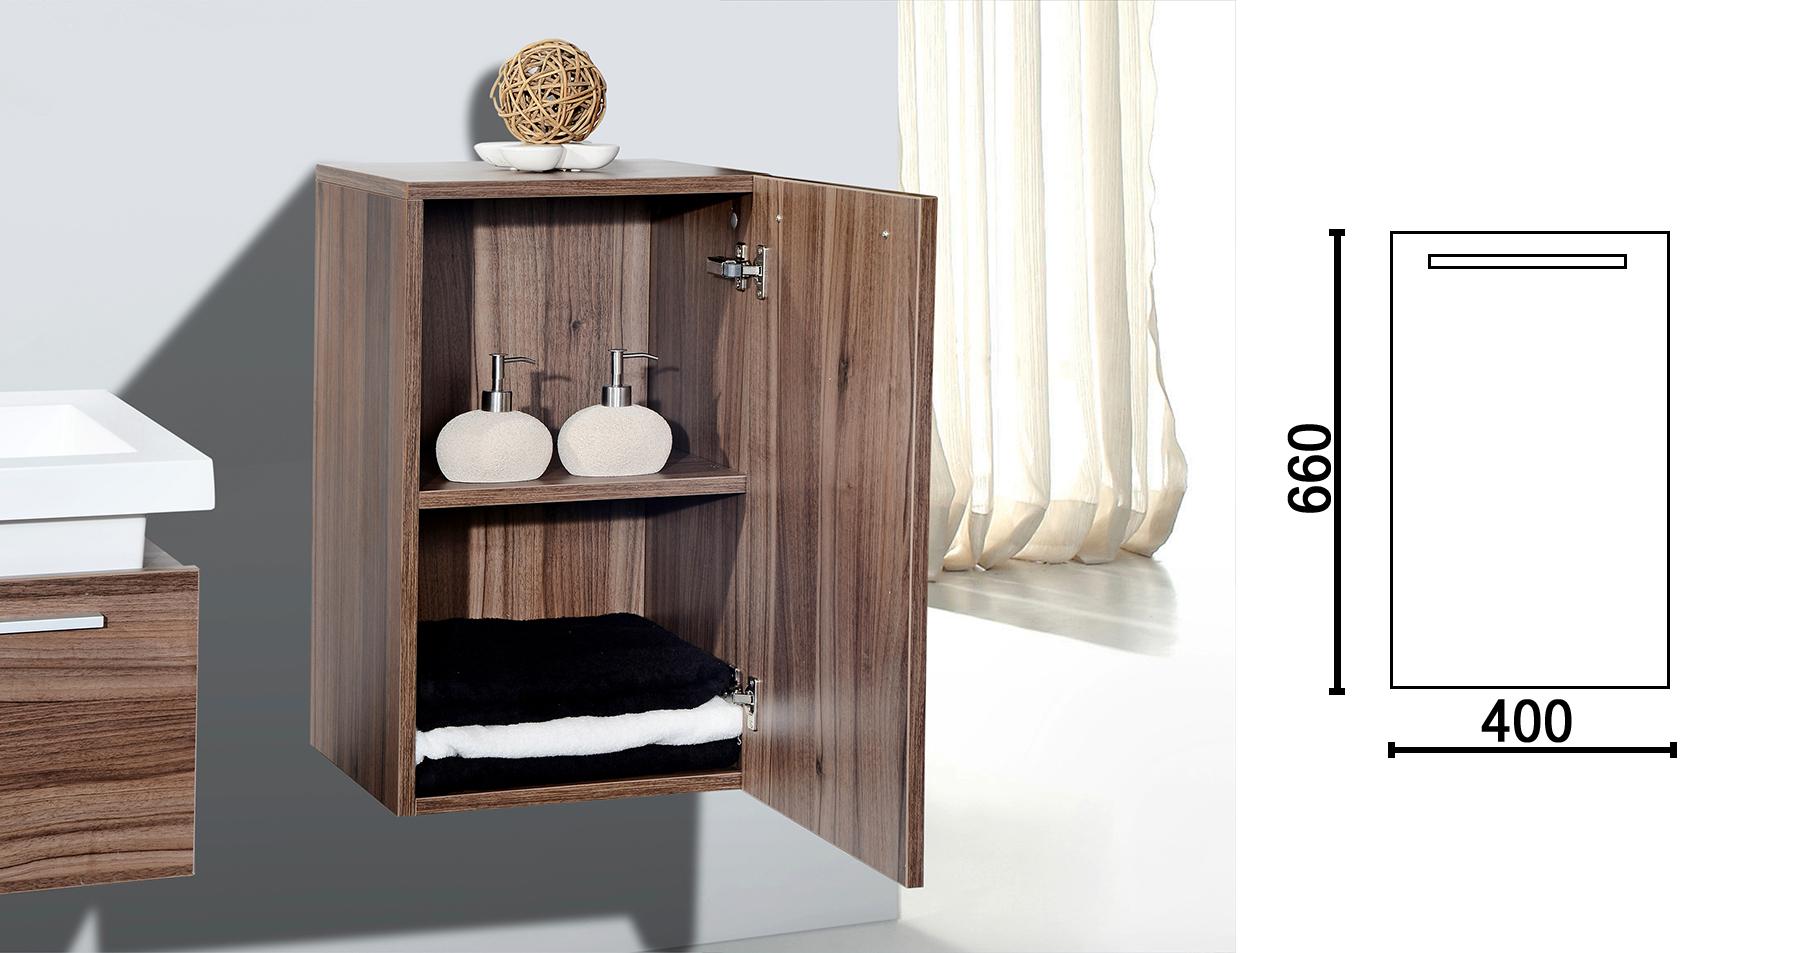 N1200 walnuss - Seitenschrank rechts klein